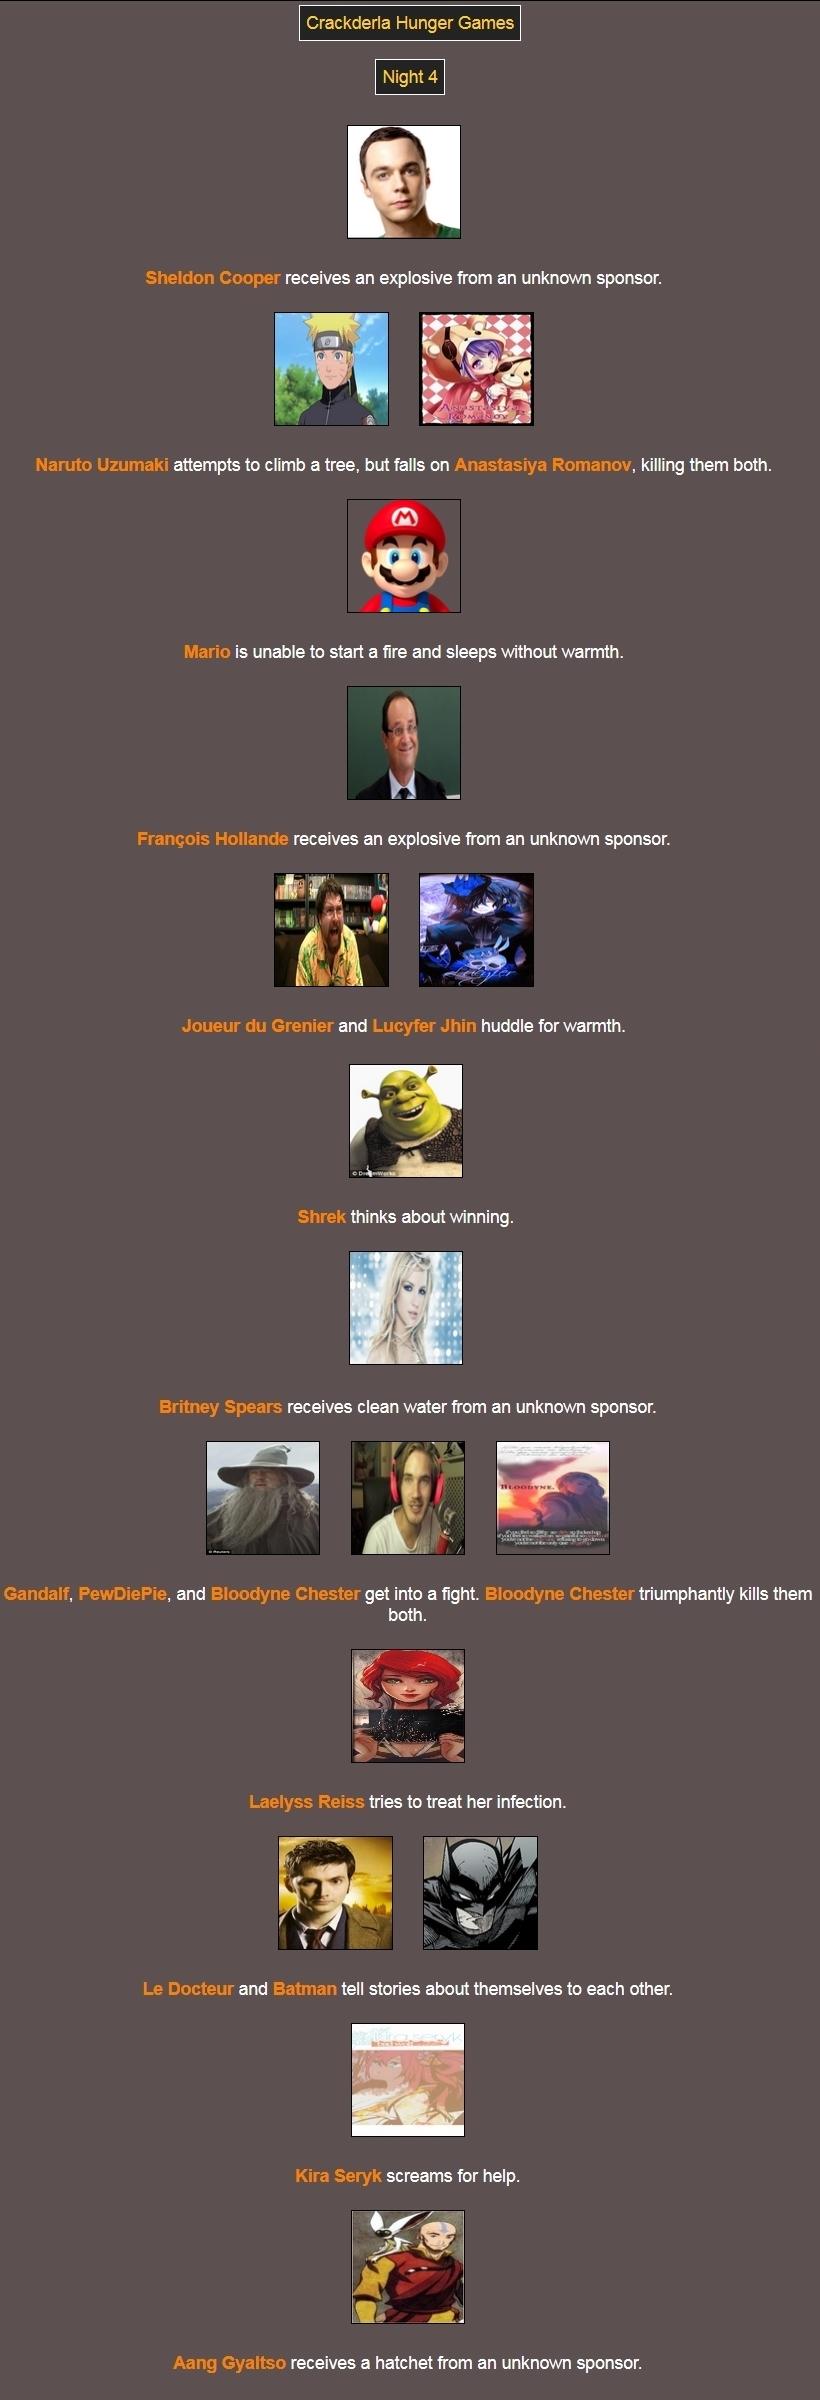 [Crackderla N°1] Hunger Games - Page 7 494253Night4